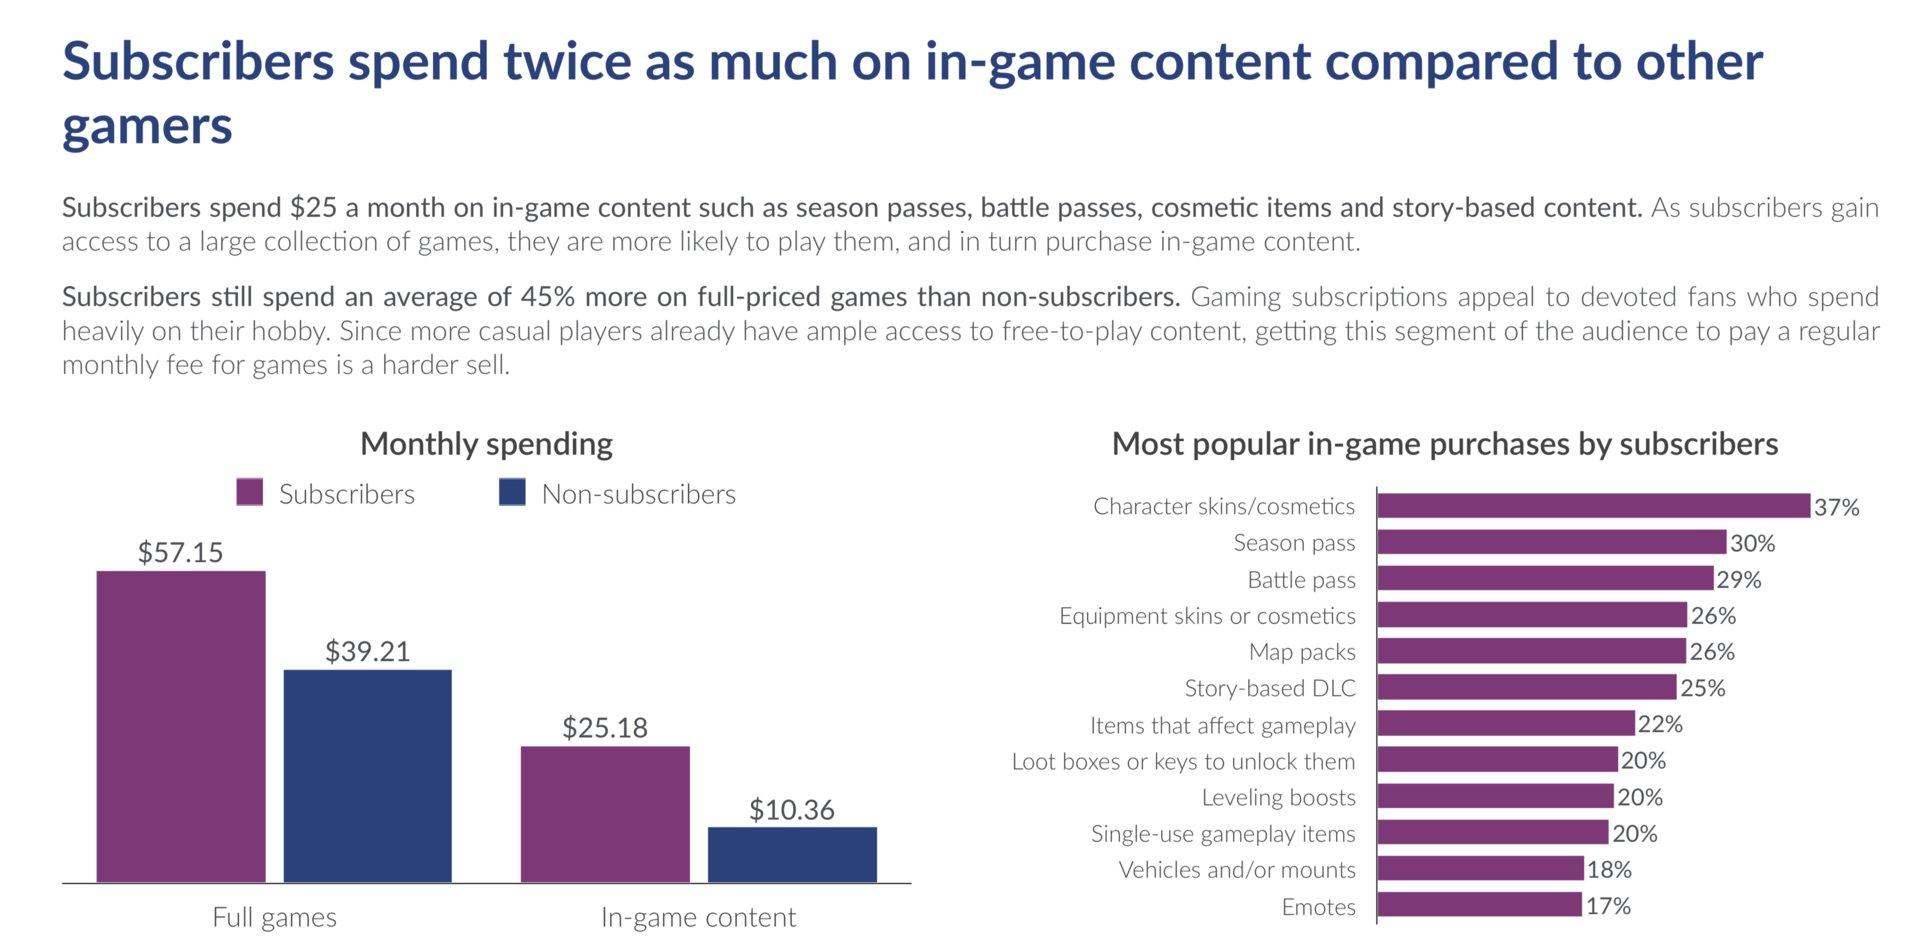 Abonnenten neigen zu höheren In-Game-Ausgaben